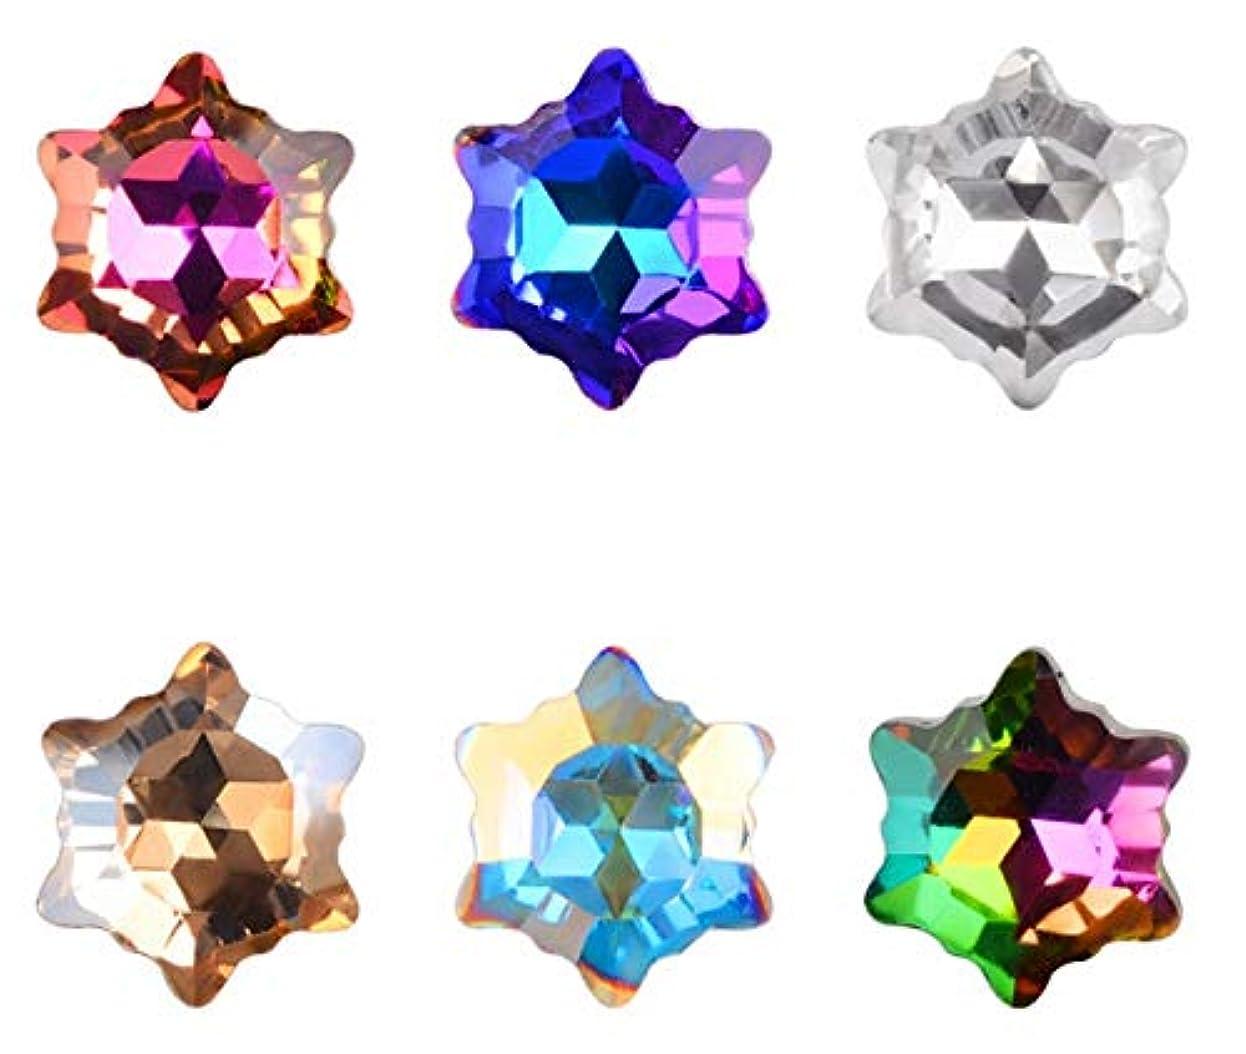 あいまいさ破滅的なモニカTianmey 6Piecesネイル結晶ネイルズ装飾用宝石ストーンズアートラインストーンヒラタグラスチャームネイル